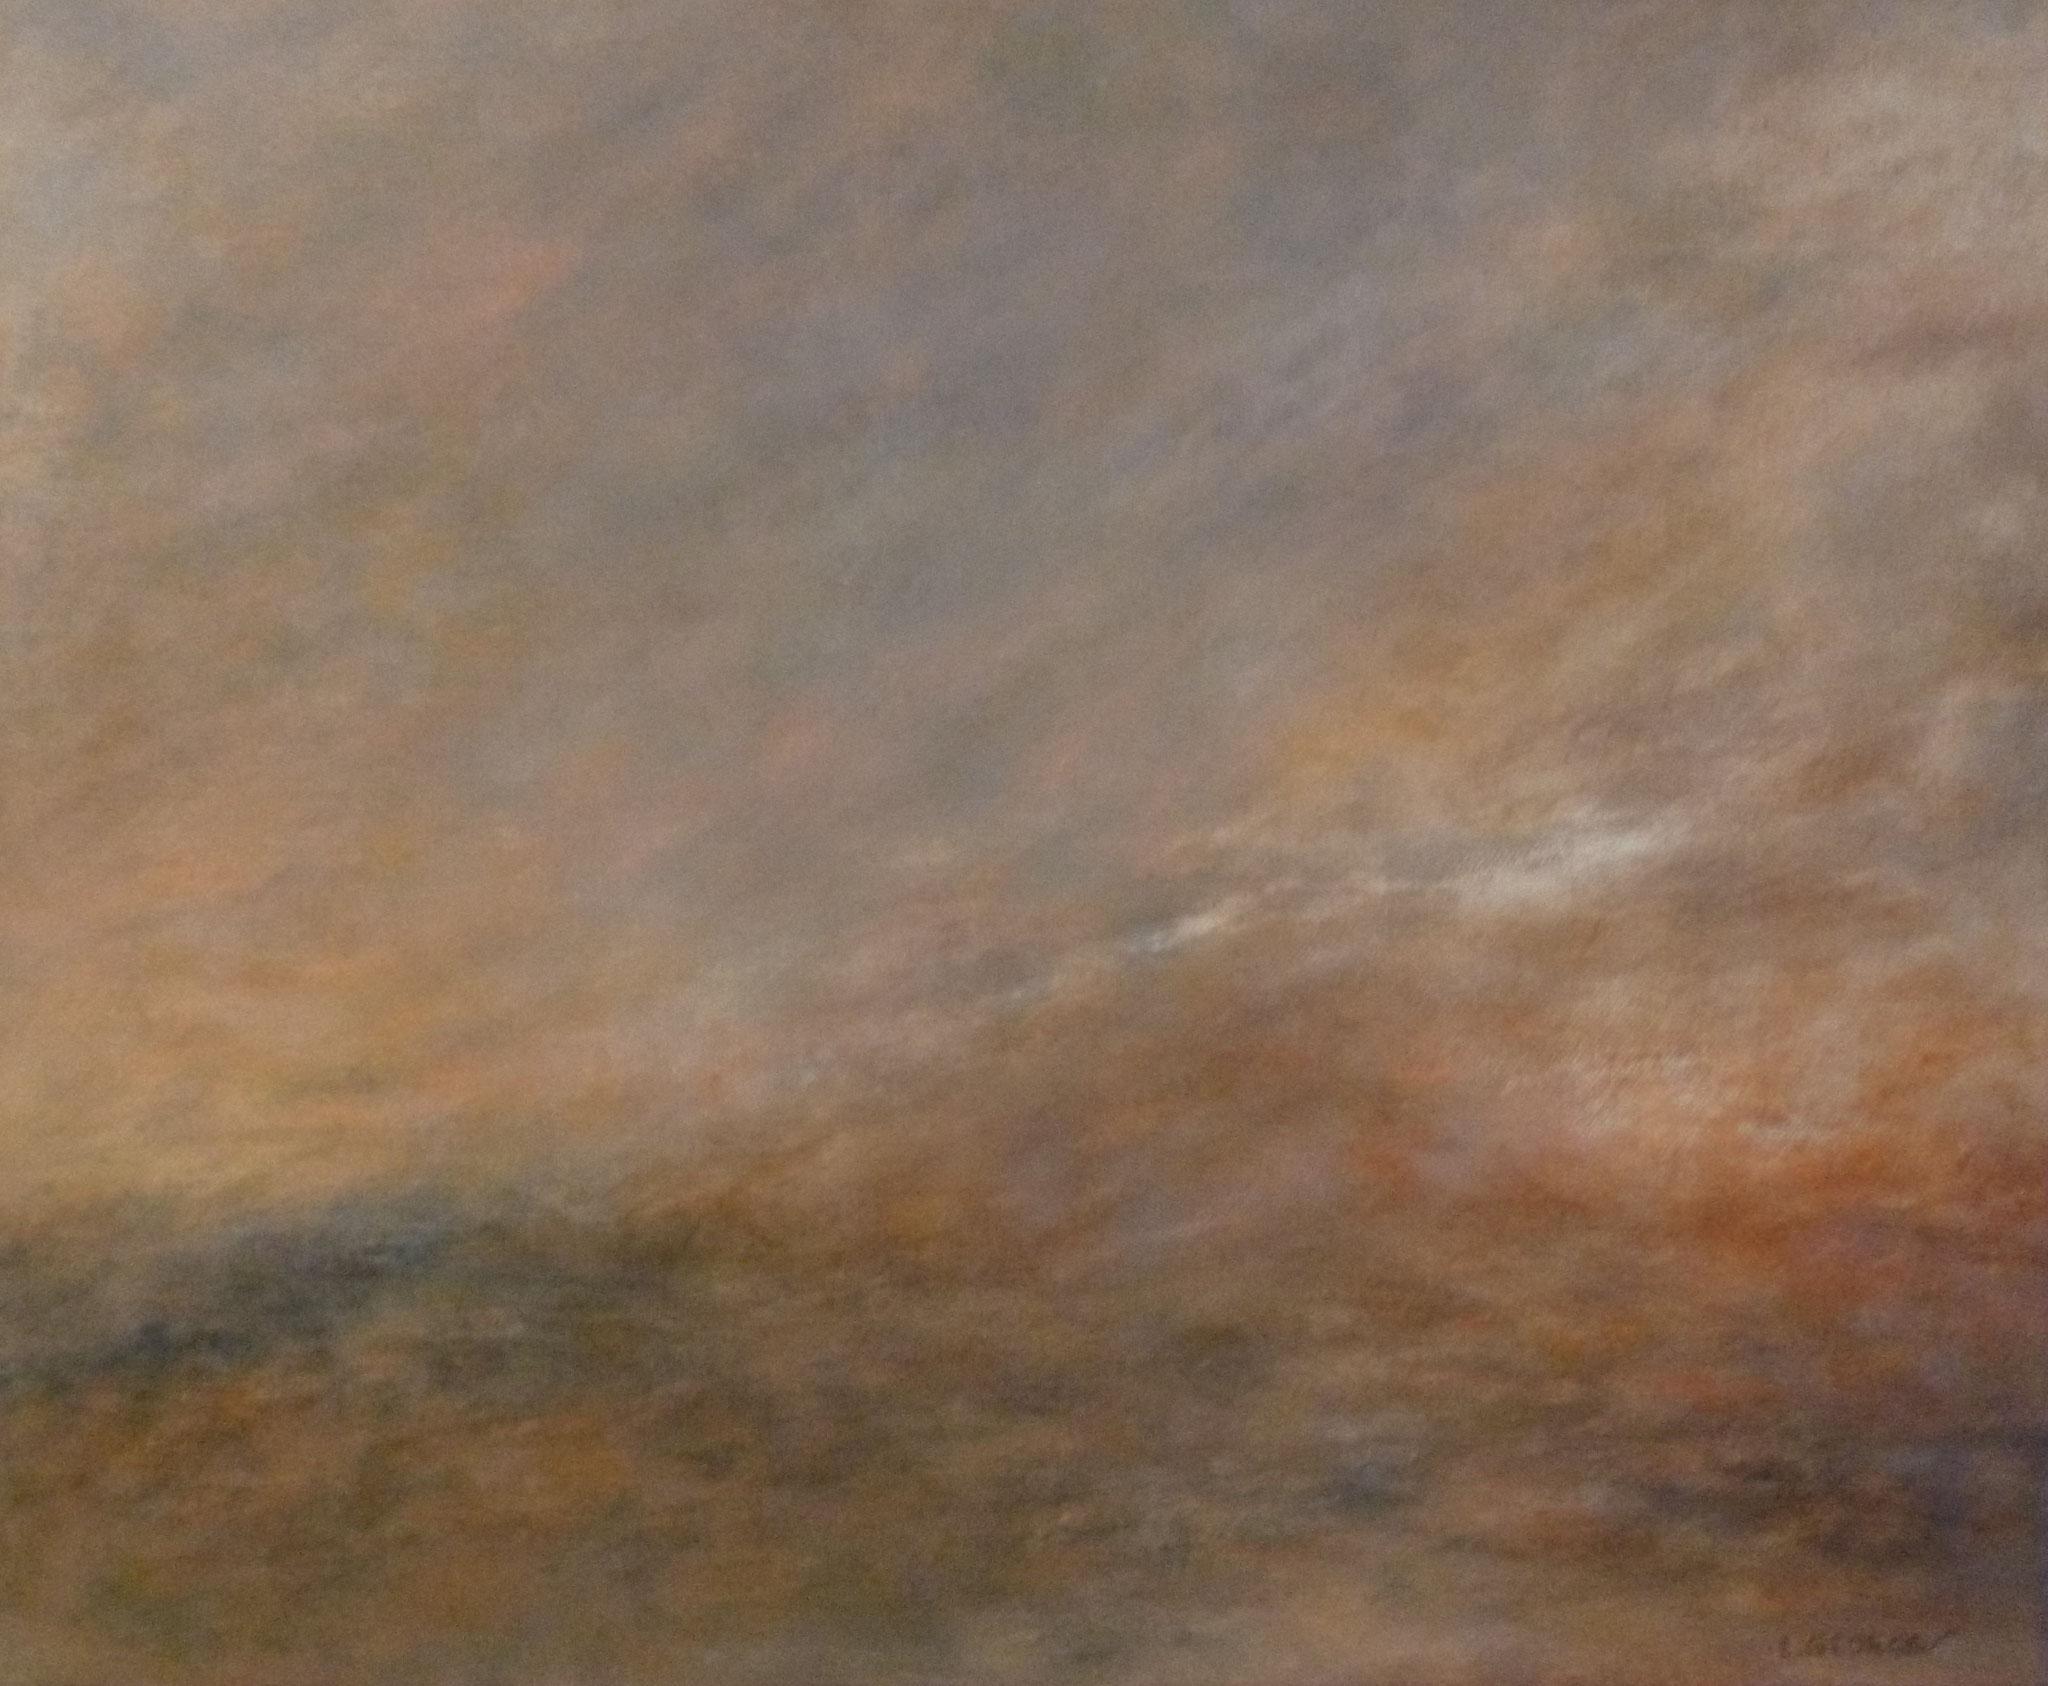 EMBRASEMENT, acrylique sur toile, 46x56 cm